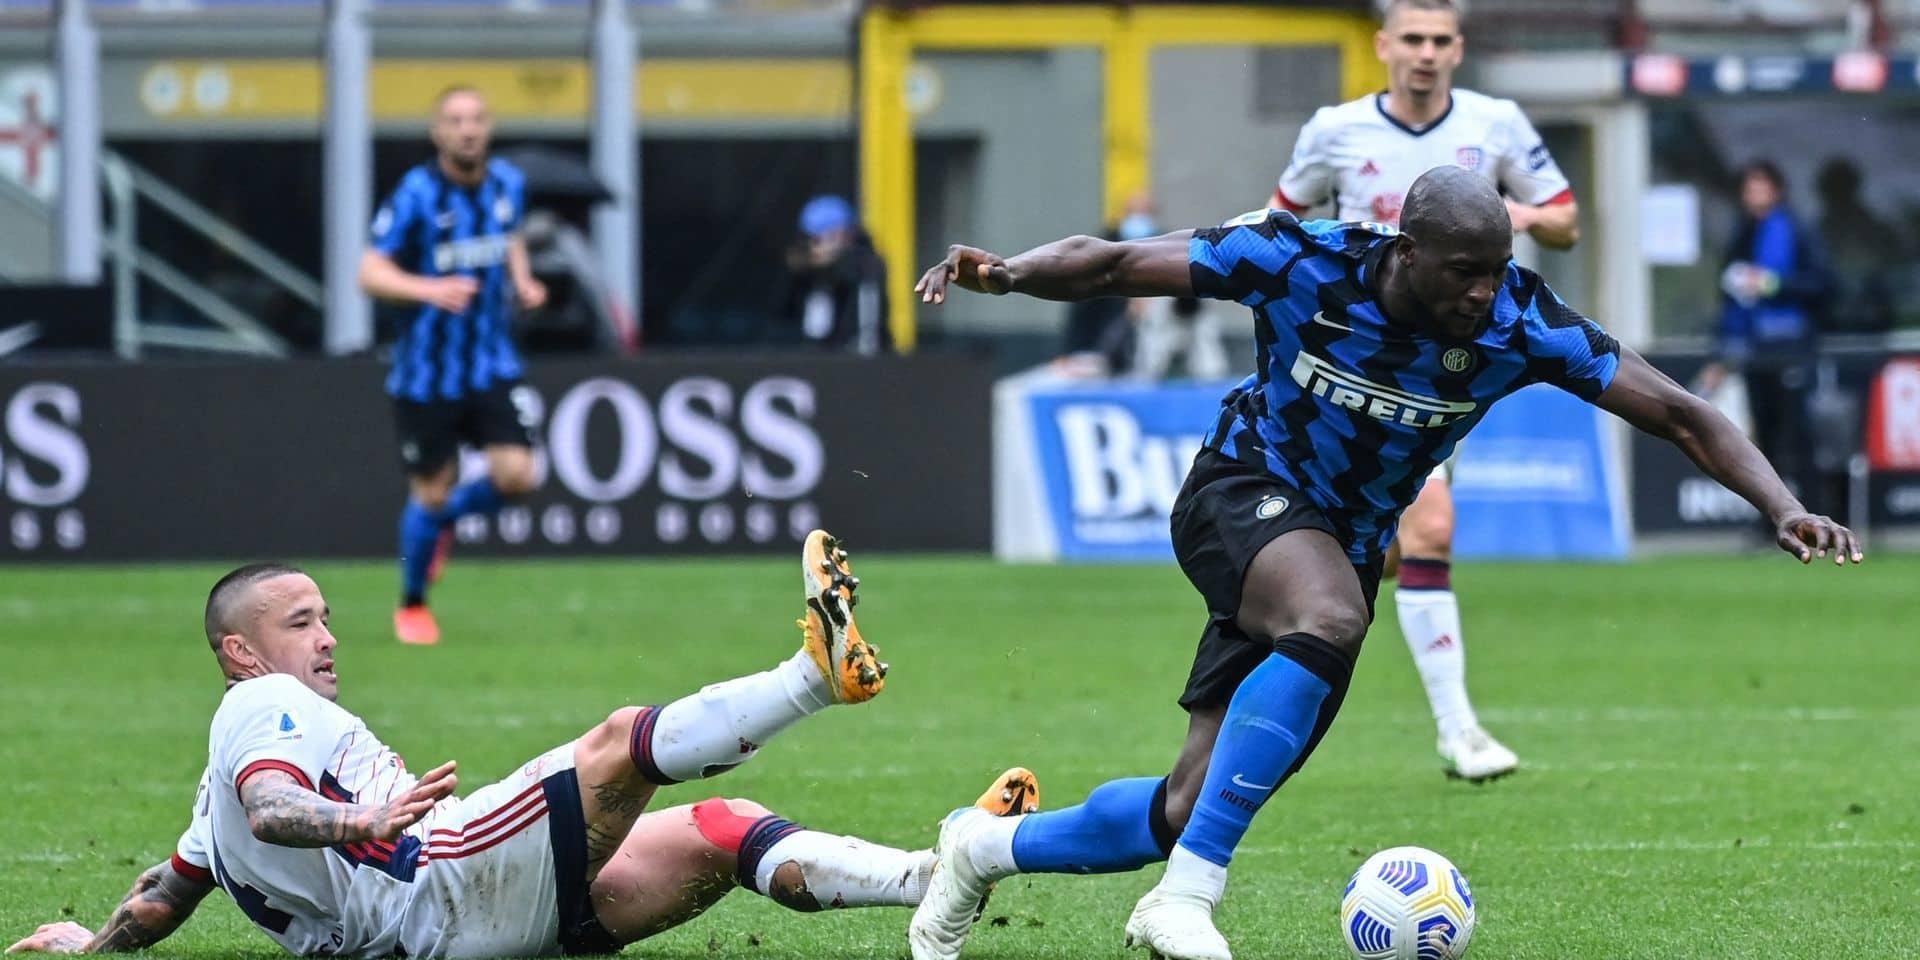 Lukaku et l'Inter poursuivent leur route vers le Scudetto avec un 11e succès de rang